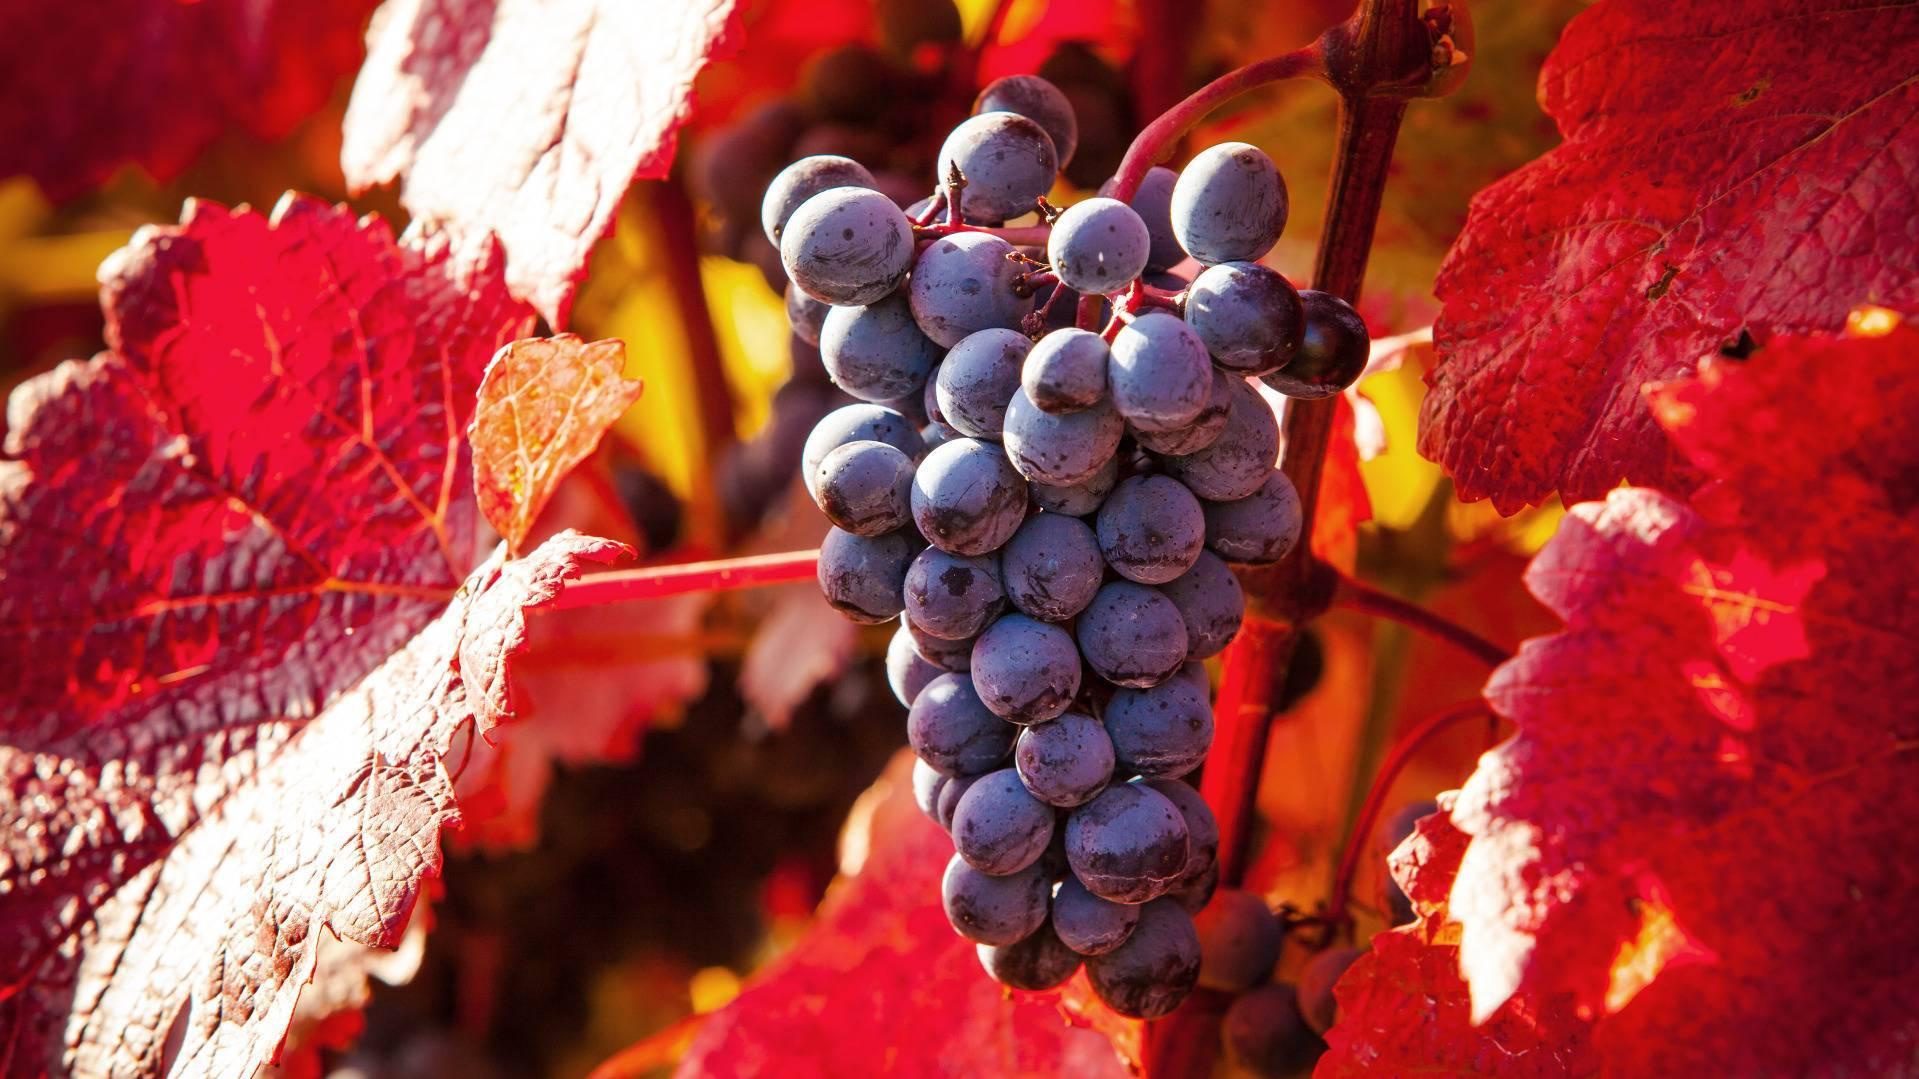 Обработка винограда пищевой содой: как правильно и зачем опрыскивать виноградники содой. нормы полива и эффективность обработки (100 фото)